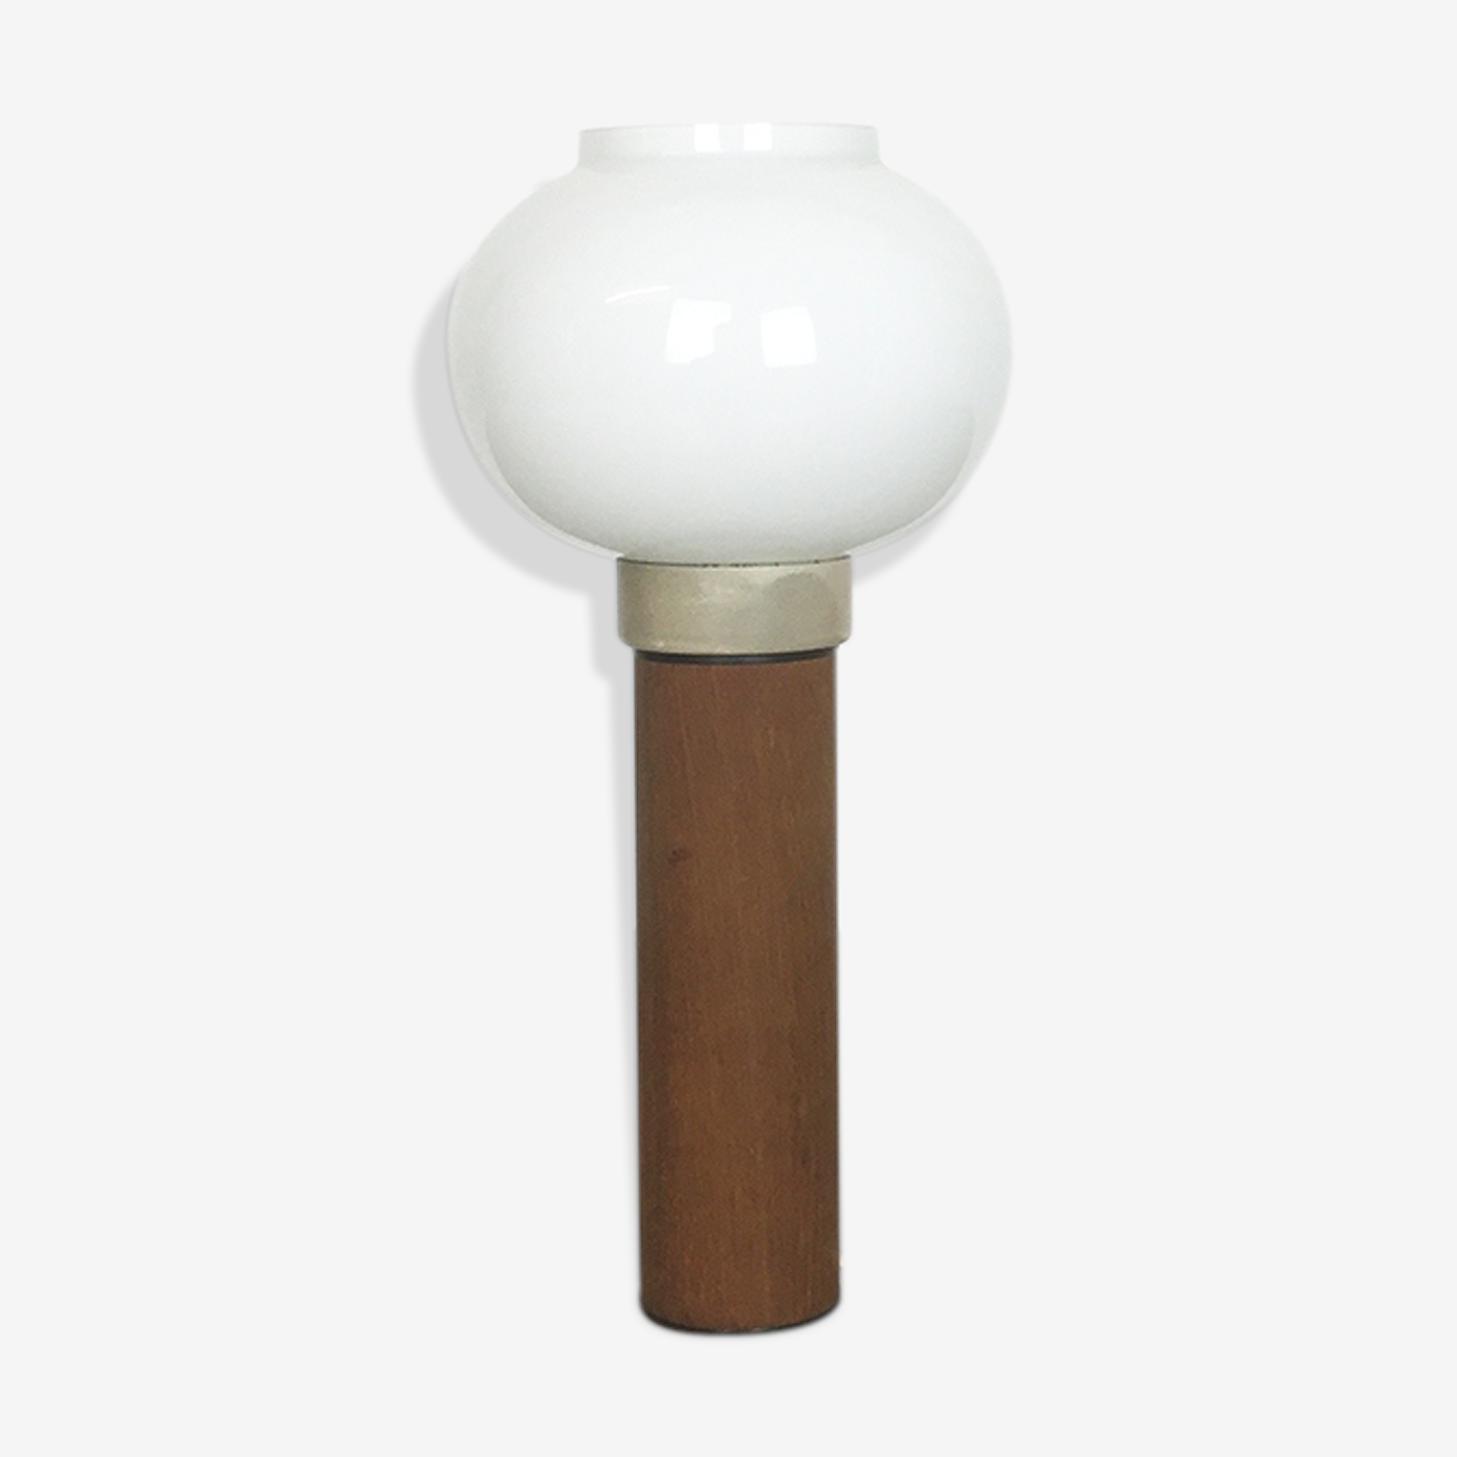 Lampe de bureau des années 60 conçue par Uno & Östen Kristiansson pour Luxus